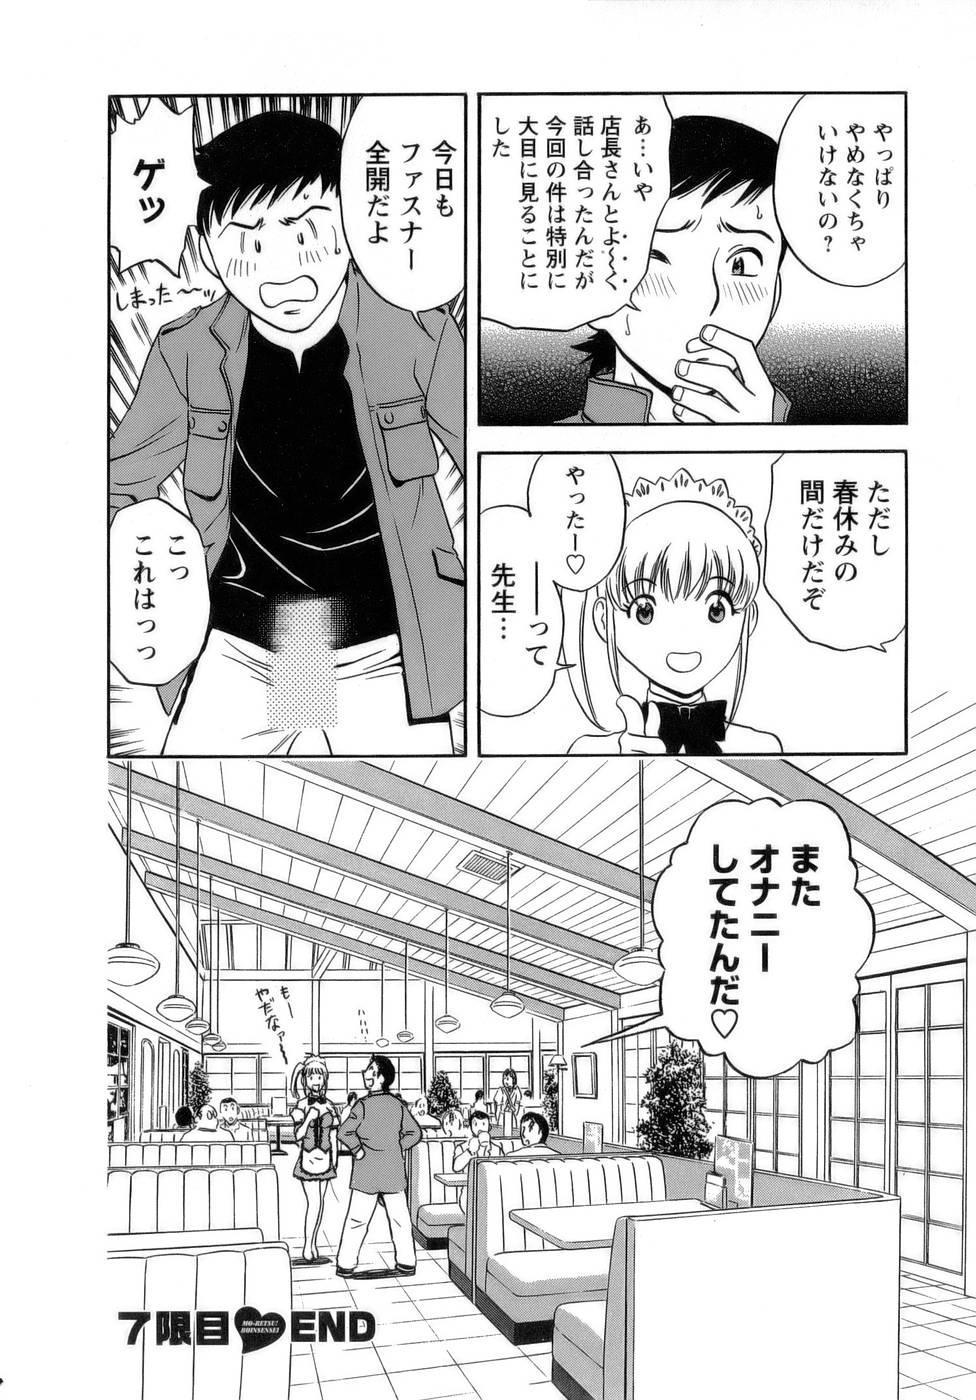 [Hidemaru] Mo-Retsu! Boin Sensei (Boing Boing Teacher) Vol.1 151